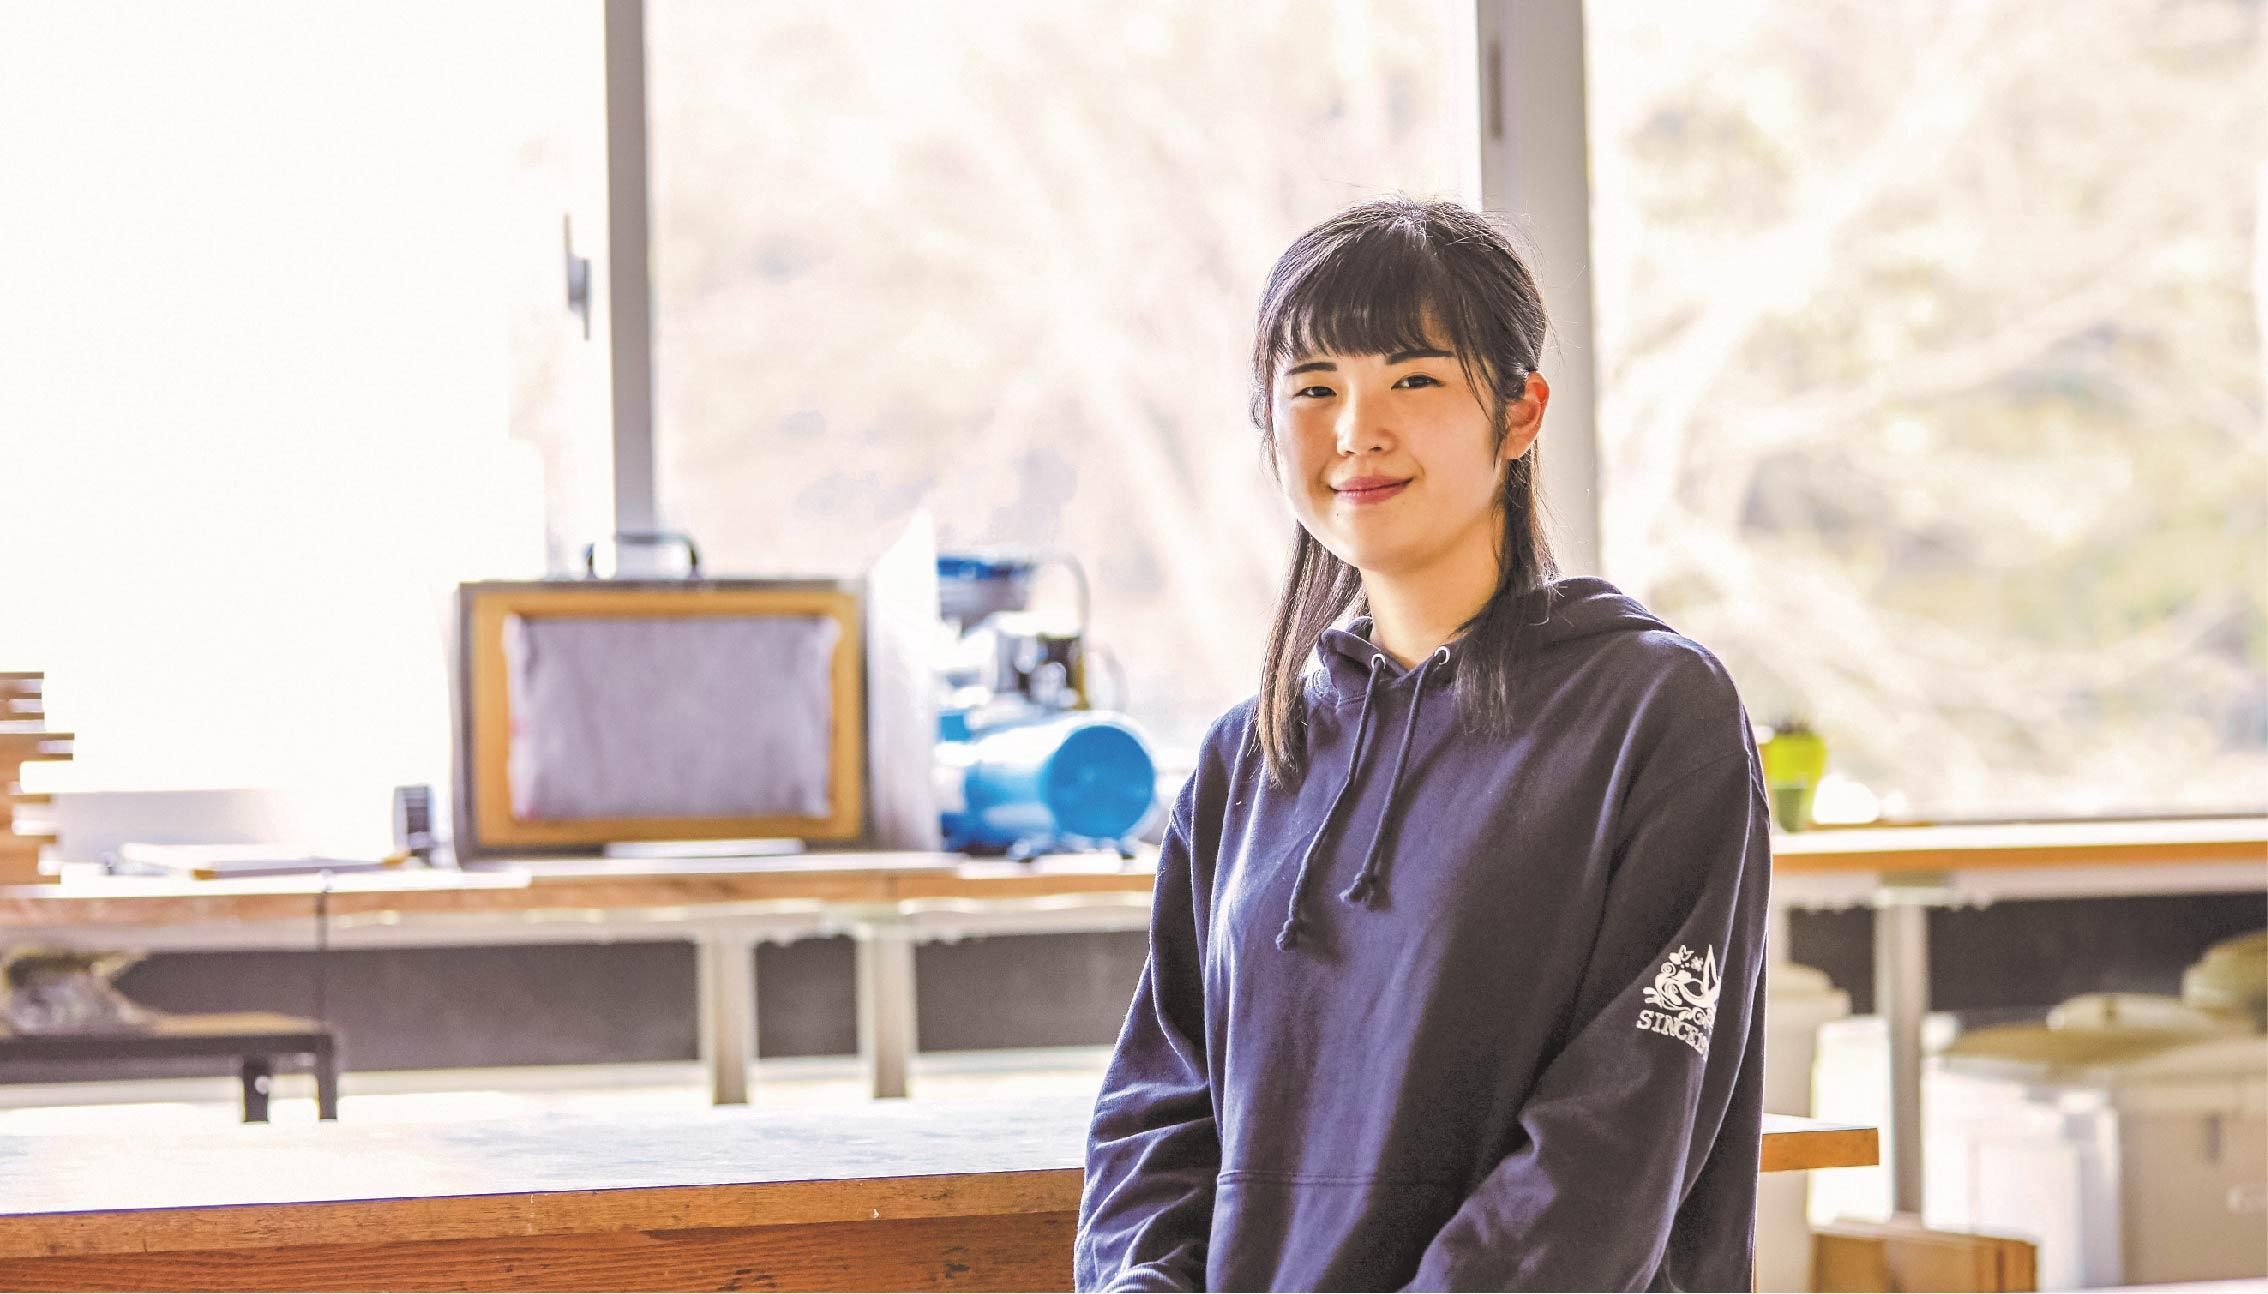 石井 風子(2019年 フィギュア・彫刻コース 卒業)